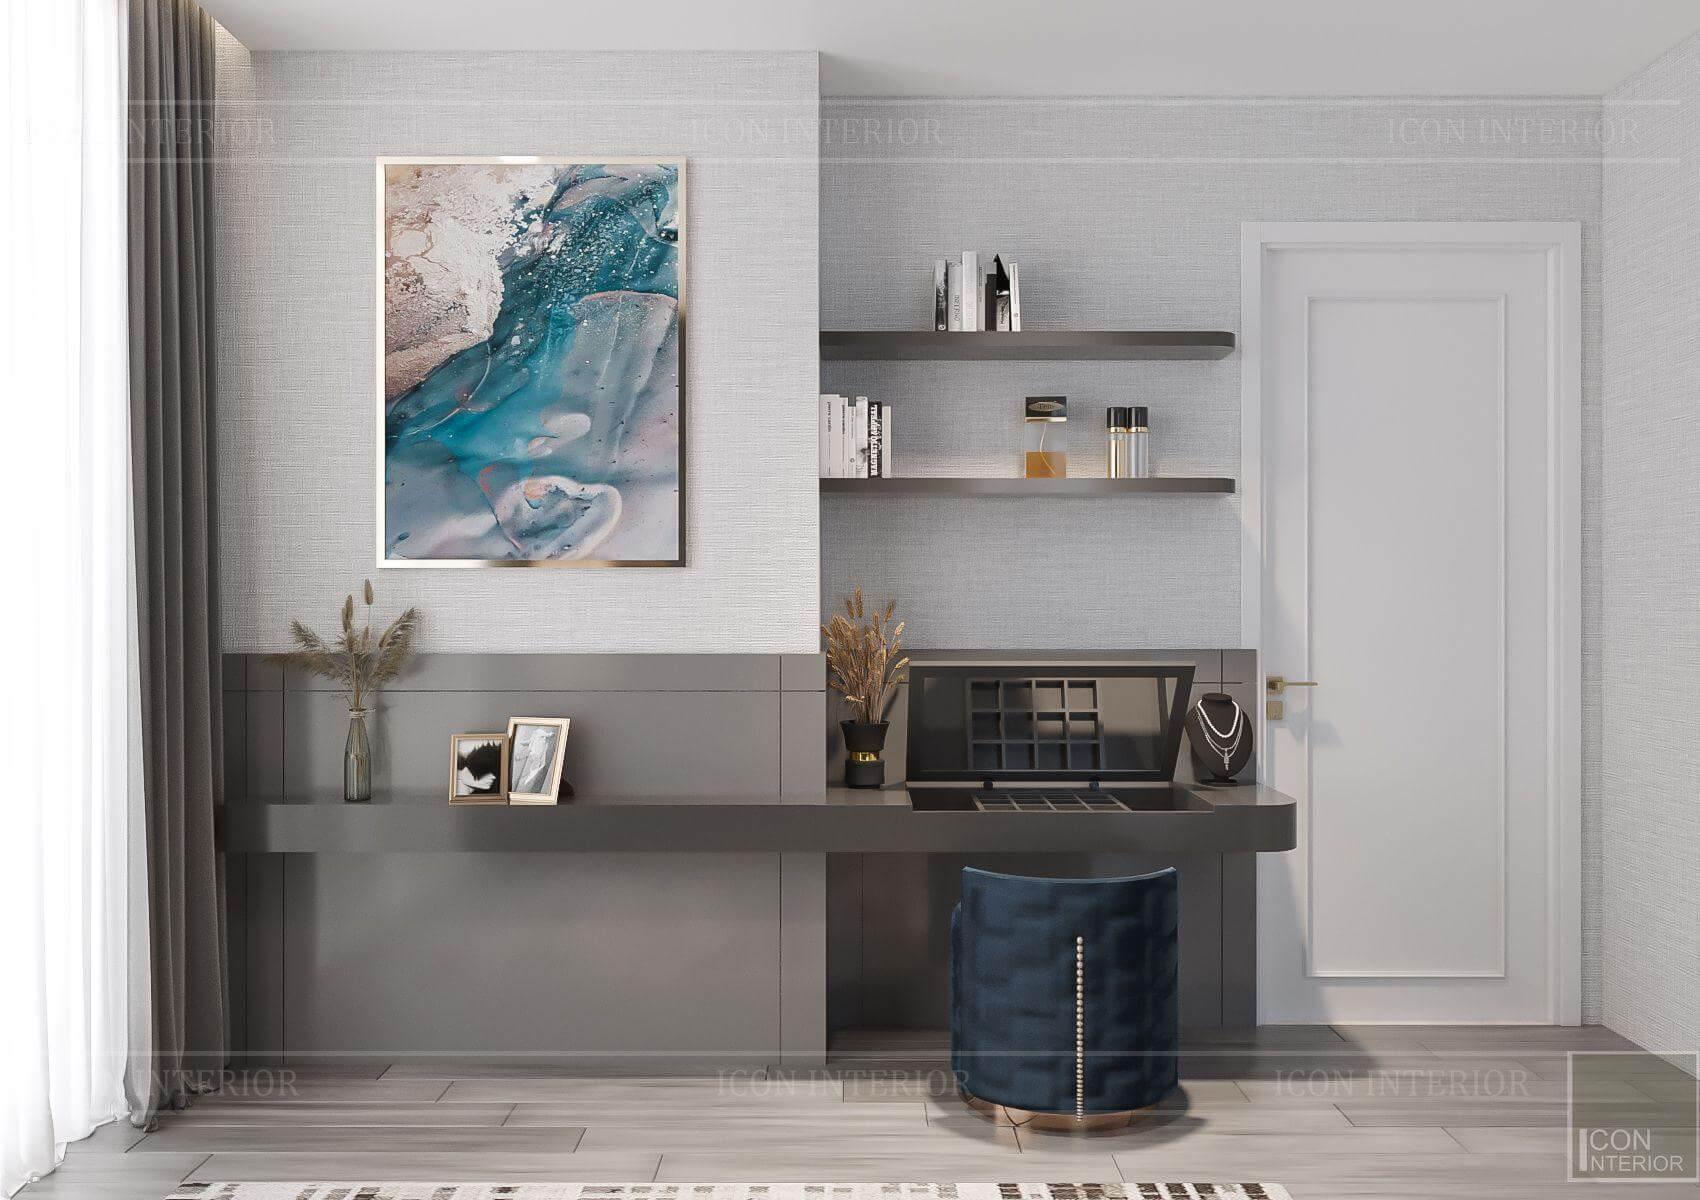 Thiết kế nội thất căn hộ chung cư Vinhomes Ba Son - bàn trang điểm phòng ngủ